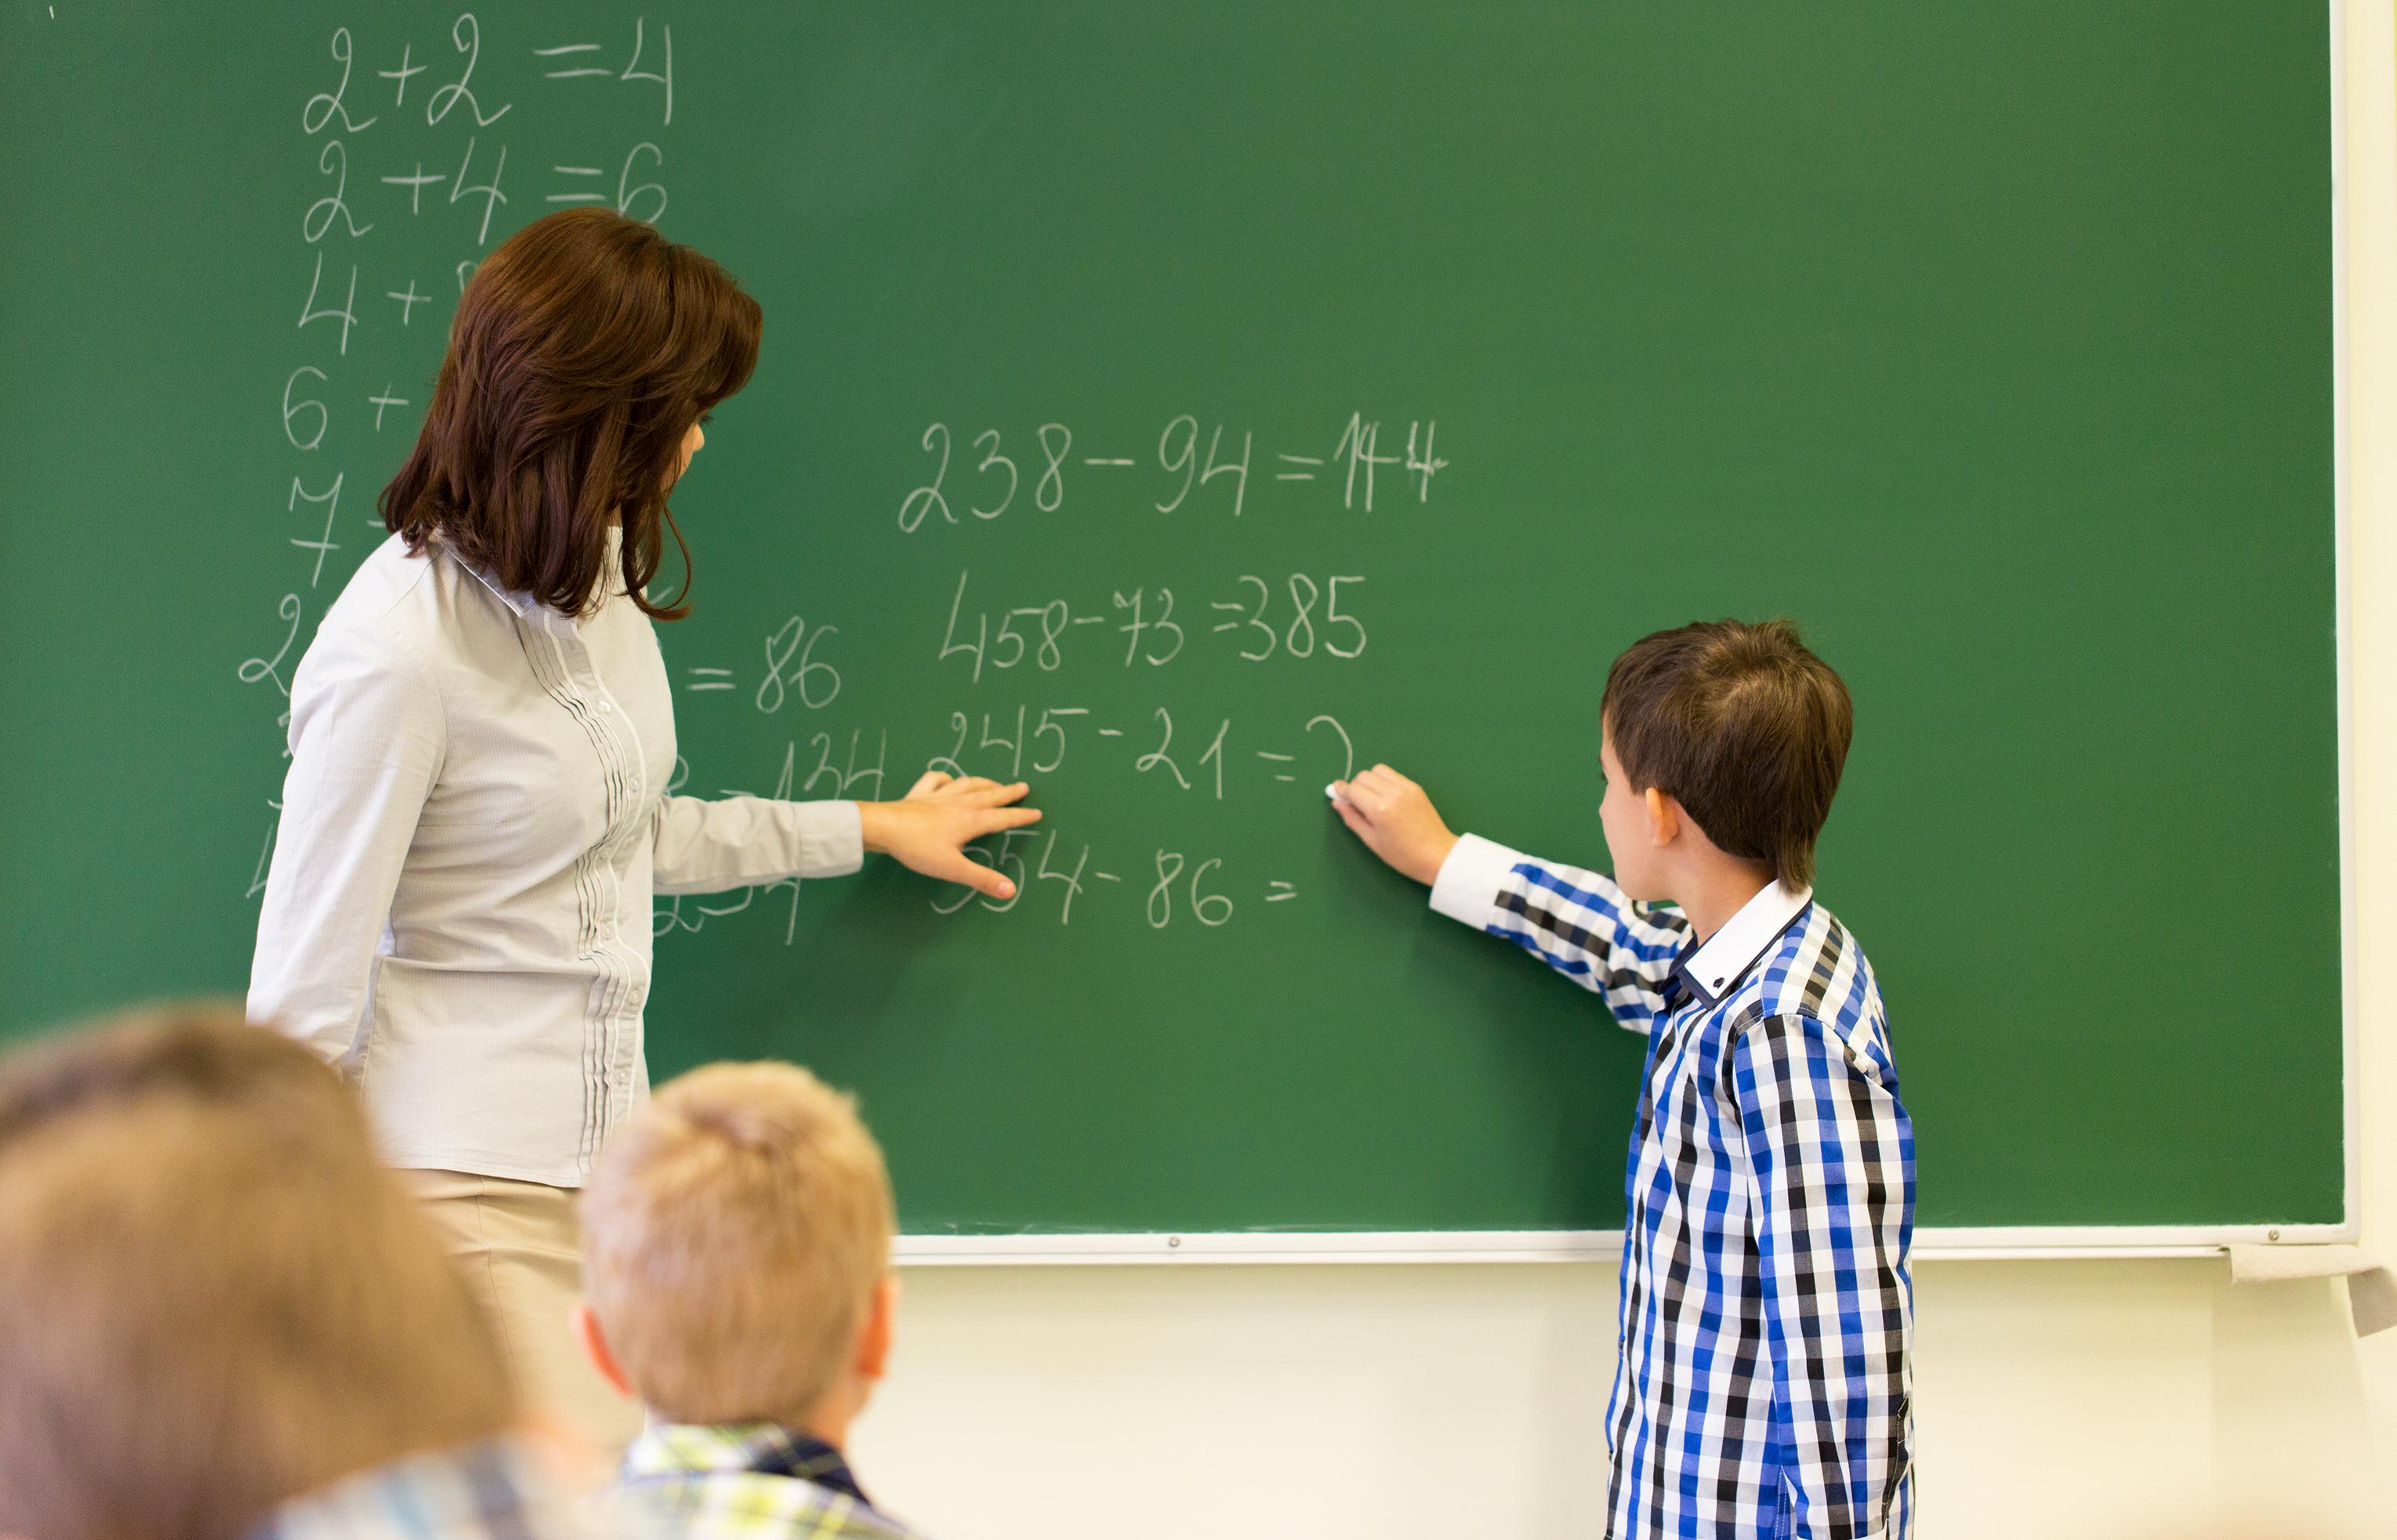 f4b768607a9 Ampliamos el pago de verano a los profesores interinos que hayan trabajado  a partir de 7 meses